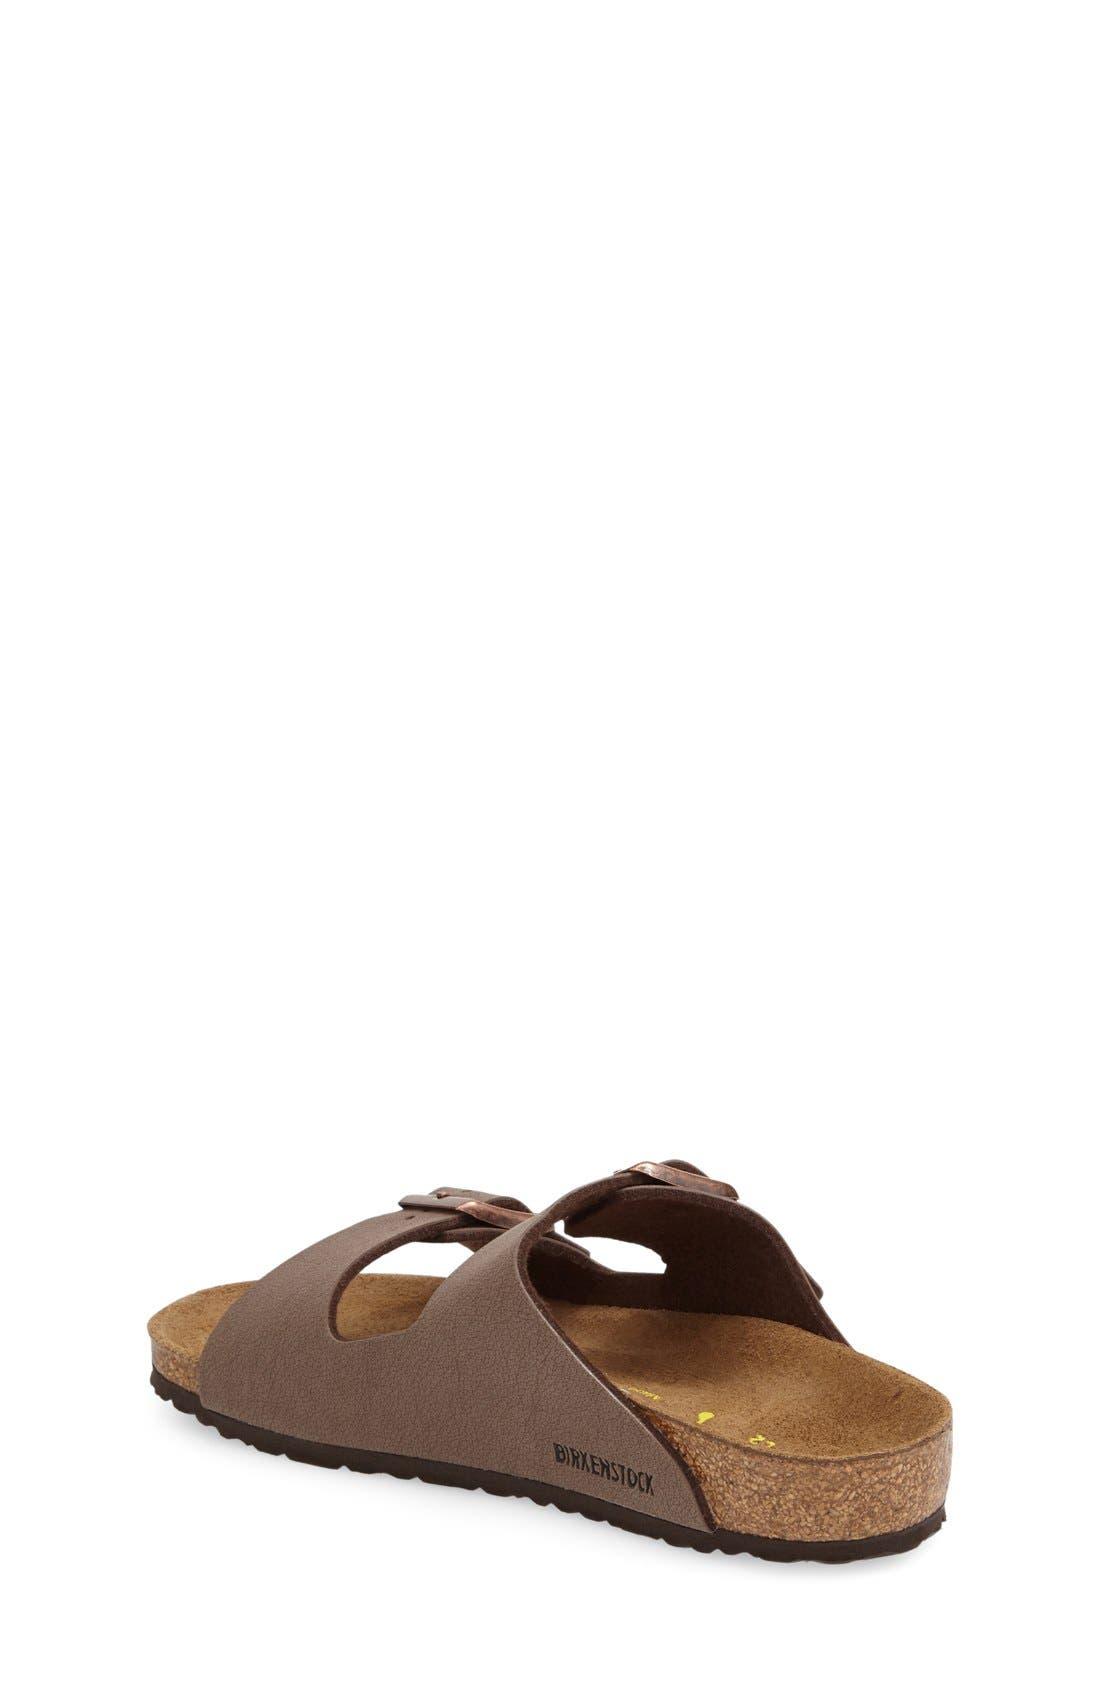 'Arizona' Suede Sandal,                             Alternate thumbnail 2, color,                             MOCHA